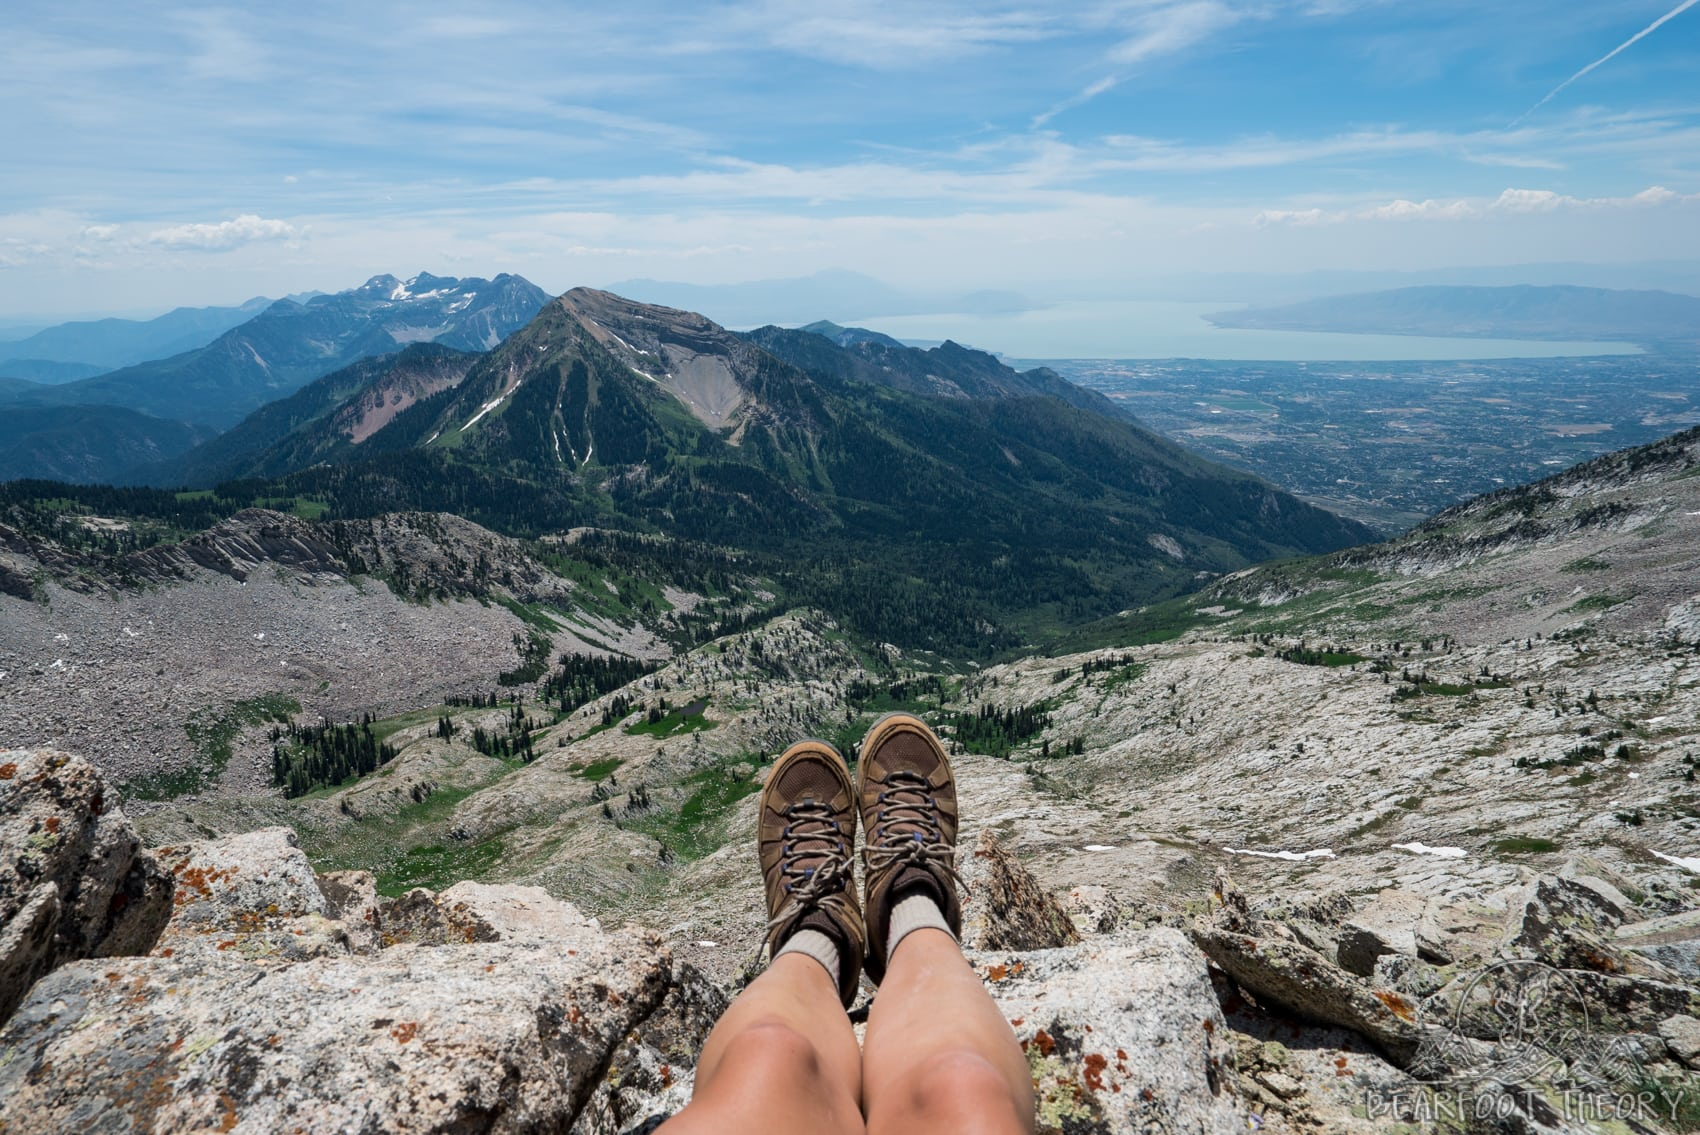 The summit of the Pfeifferhorn, the third tallest peak near Salt Lake City in the Wasatch Mountain Range